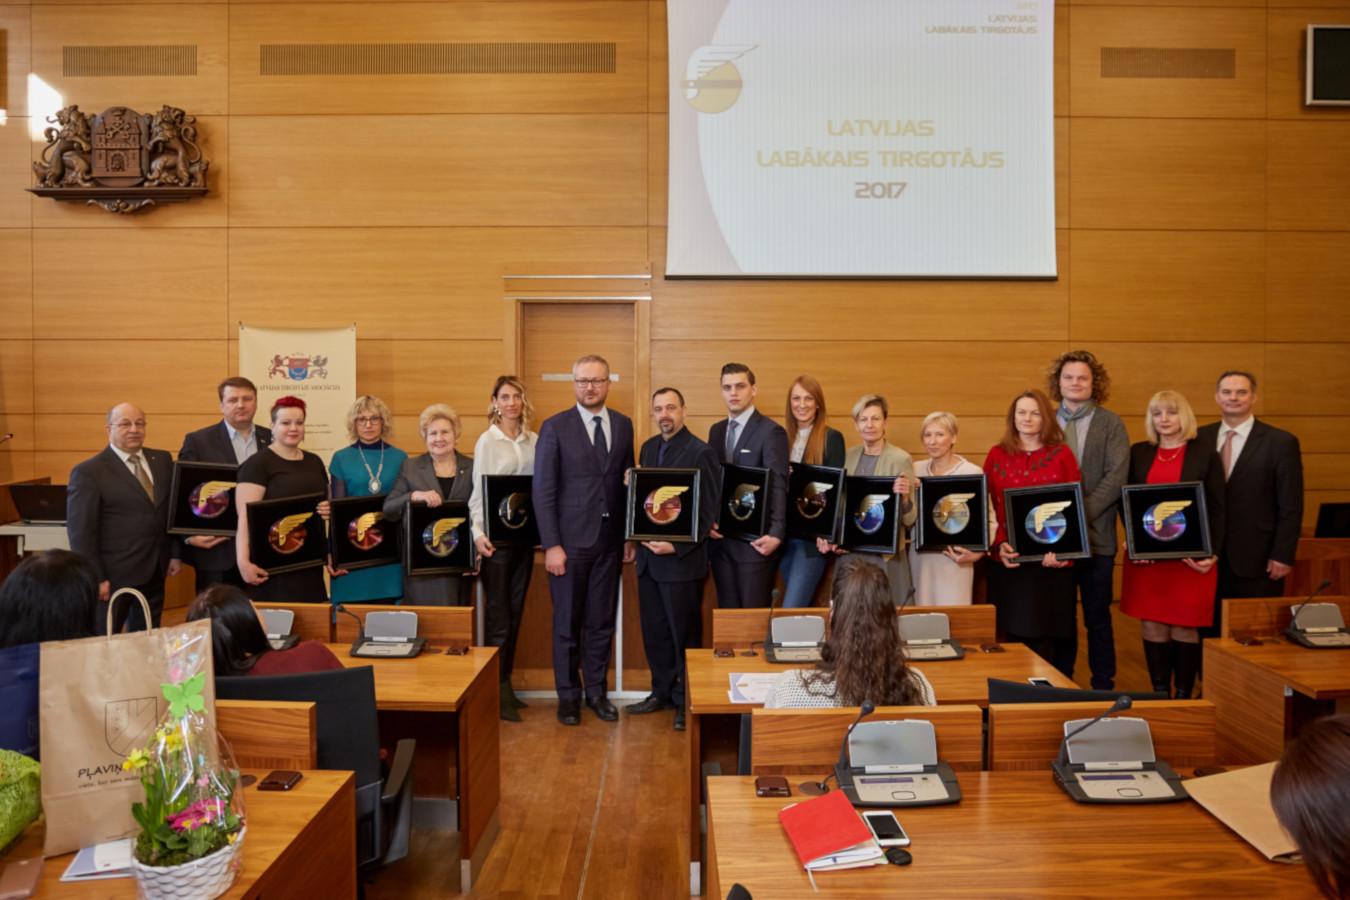 Latvijas Labākais tirgotājs 2017